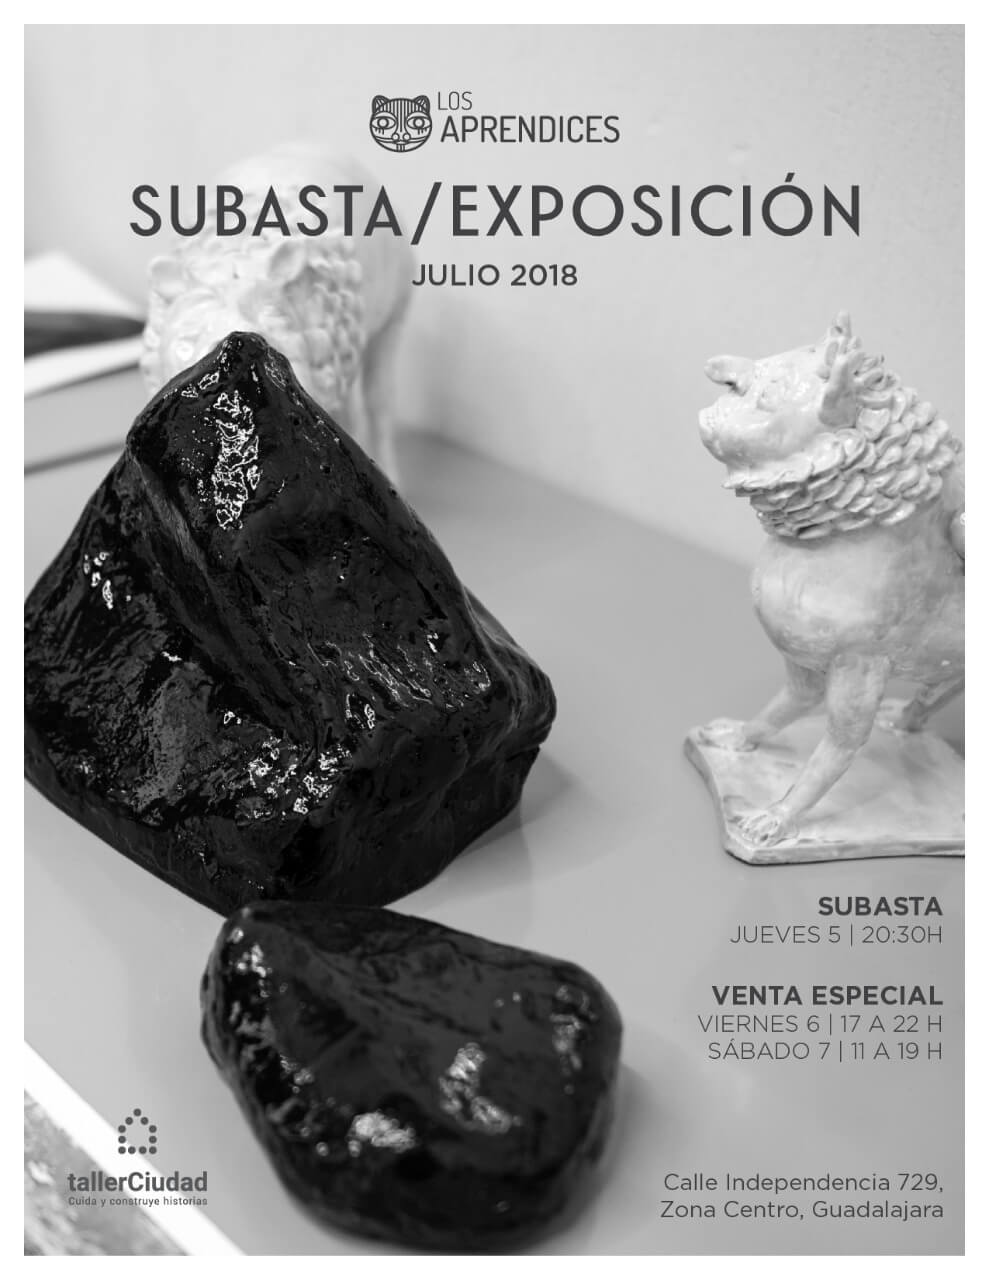 Los Aprendices Subasta / Exposición, 5, 6 y 7 de Julio en Taller Ciudad